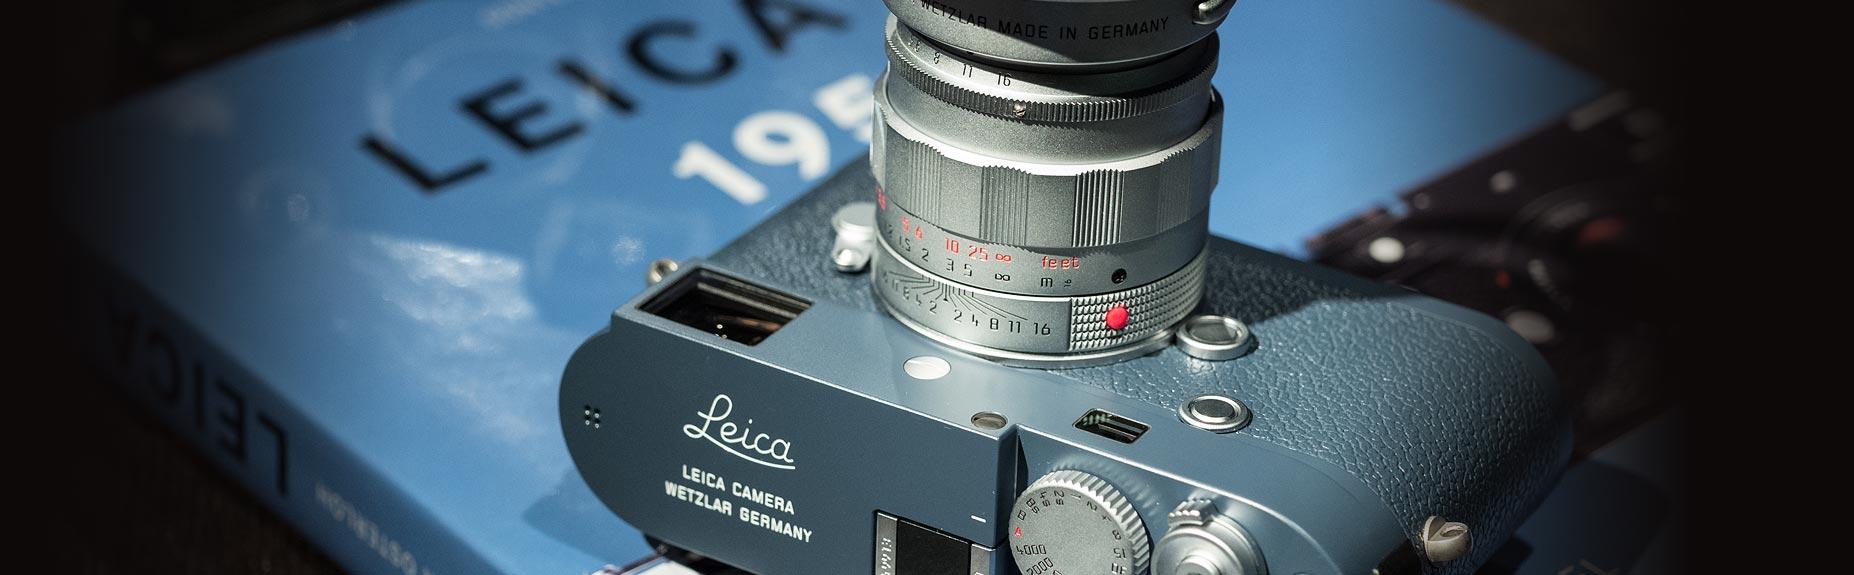 Leica_Ankauf5829d4fe12155